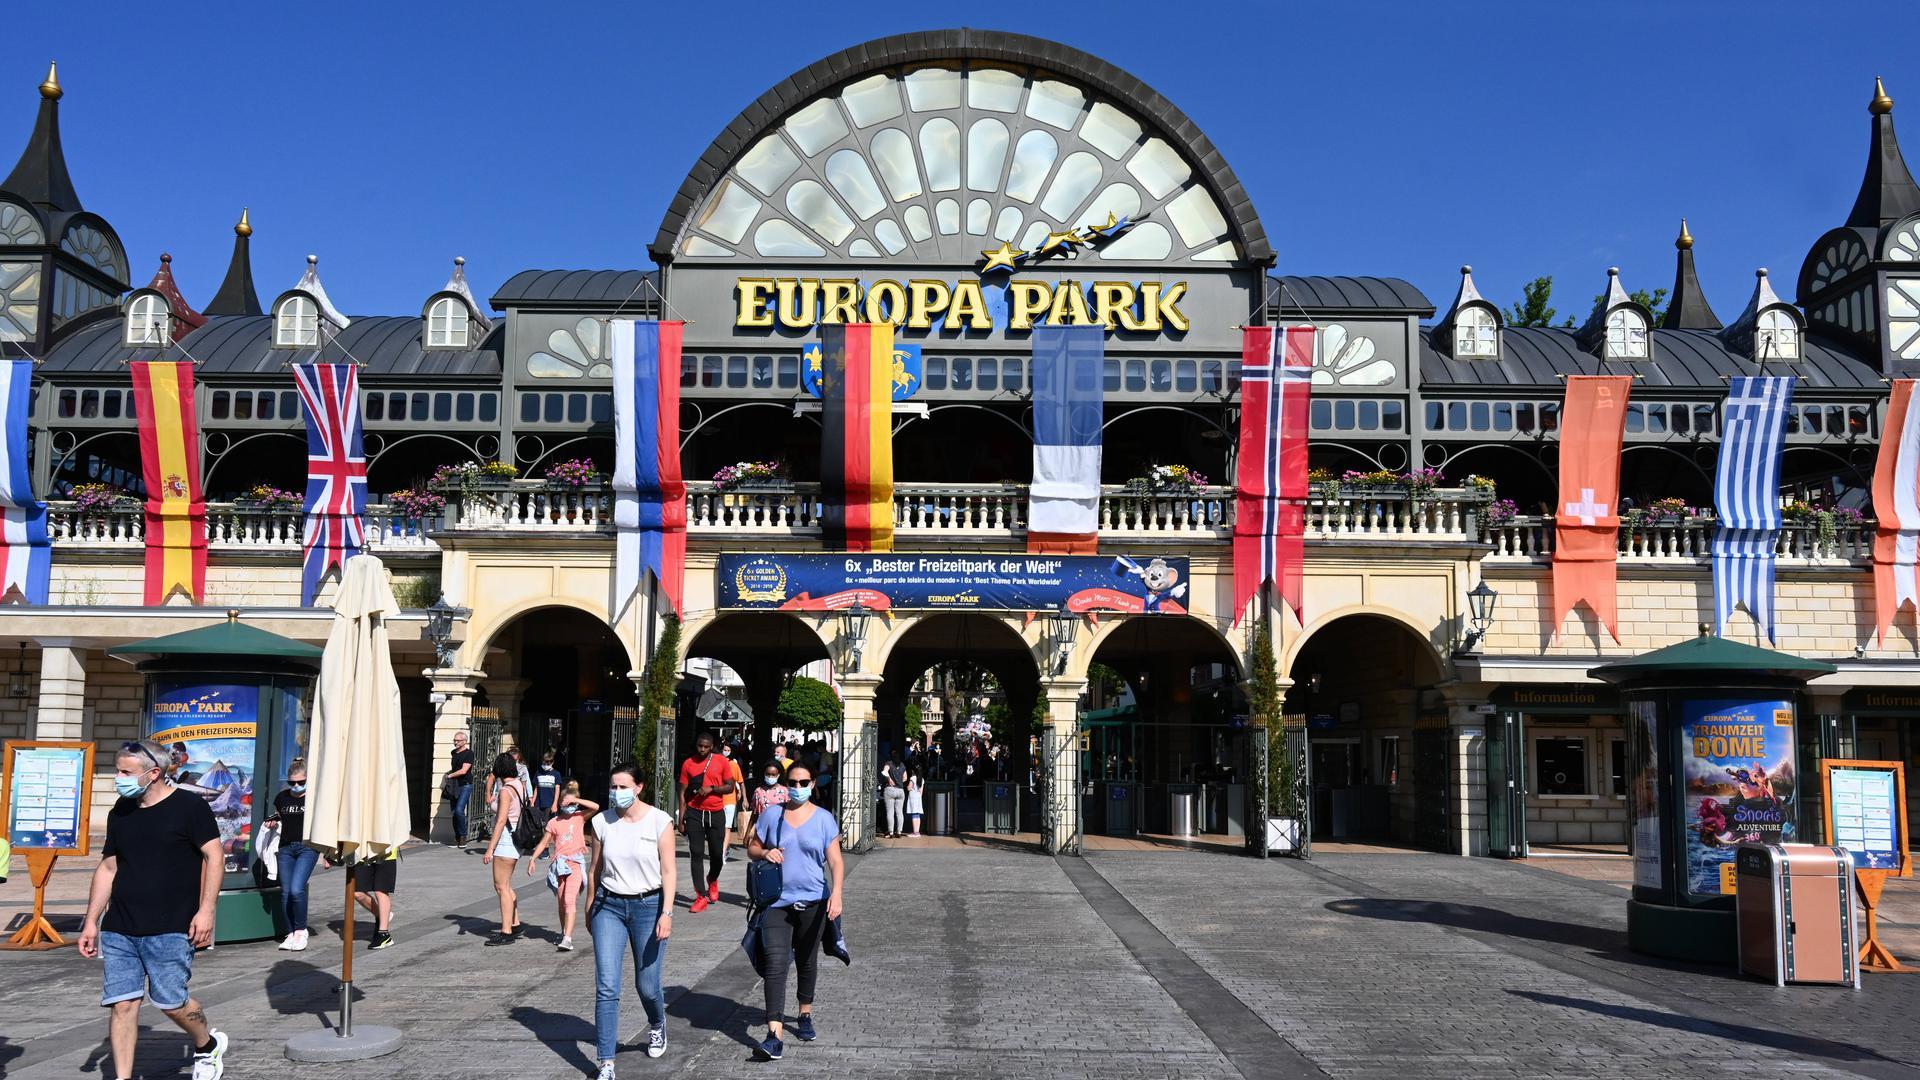 Bürger üben Kritik: Der Europa-Park in Rust ist ein bei Touristen beliebtes Ausflugsziel. In Plobsheim, südlich von Straßburg, regt sich nun aber Widerstand gegen Pläne, die dort unter anderem ein Multimedia-Studio vorsehen.